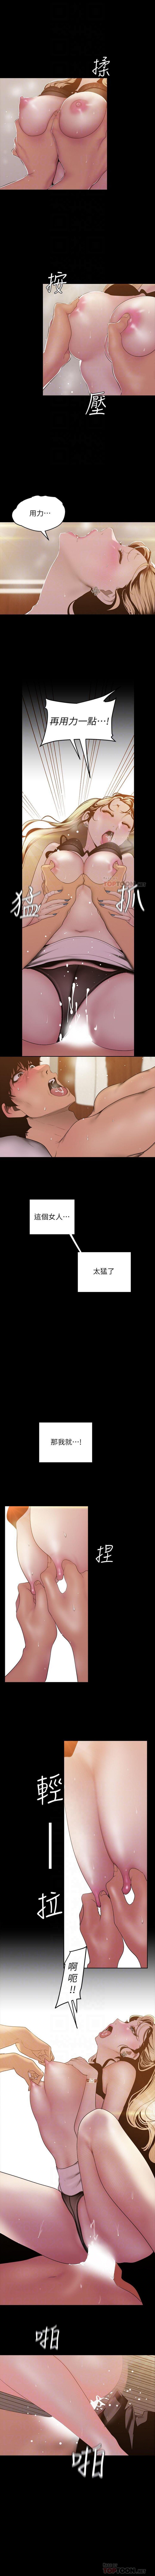 (週1)美麗新世界 1-76 中文翻譯 (更新中) 529